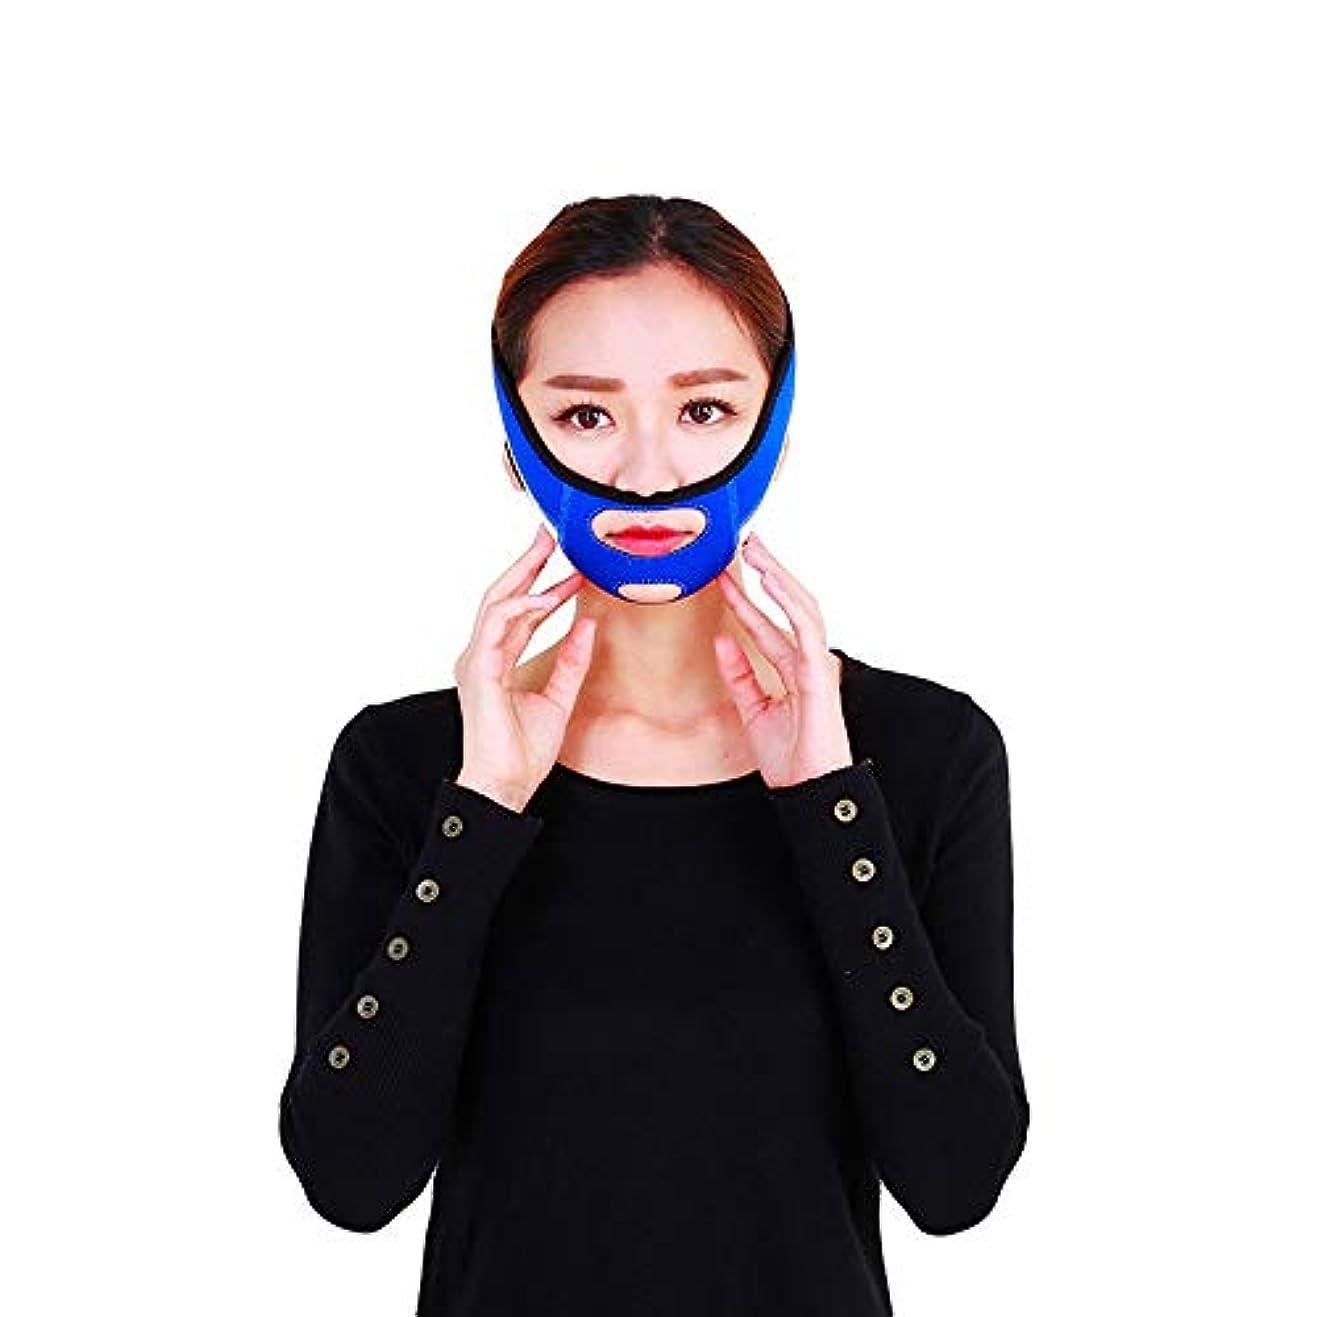 抵抗受取人ポテト顔を持ち上げるベルト - 顔を持ち上げる包帯は、上顎顔面修正ツールを強力に強化し、顔面マスクのV字形の人工物